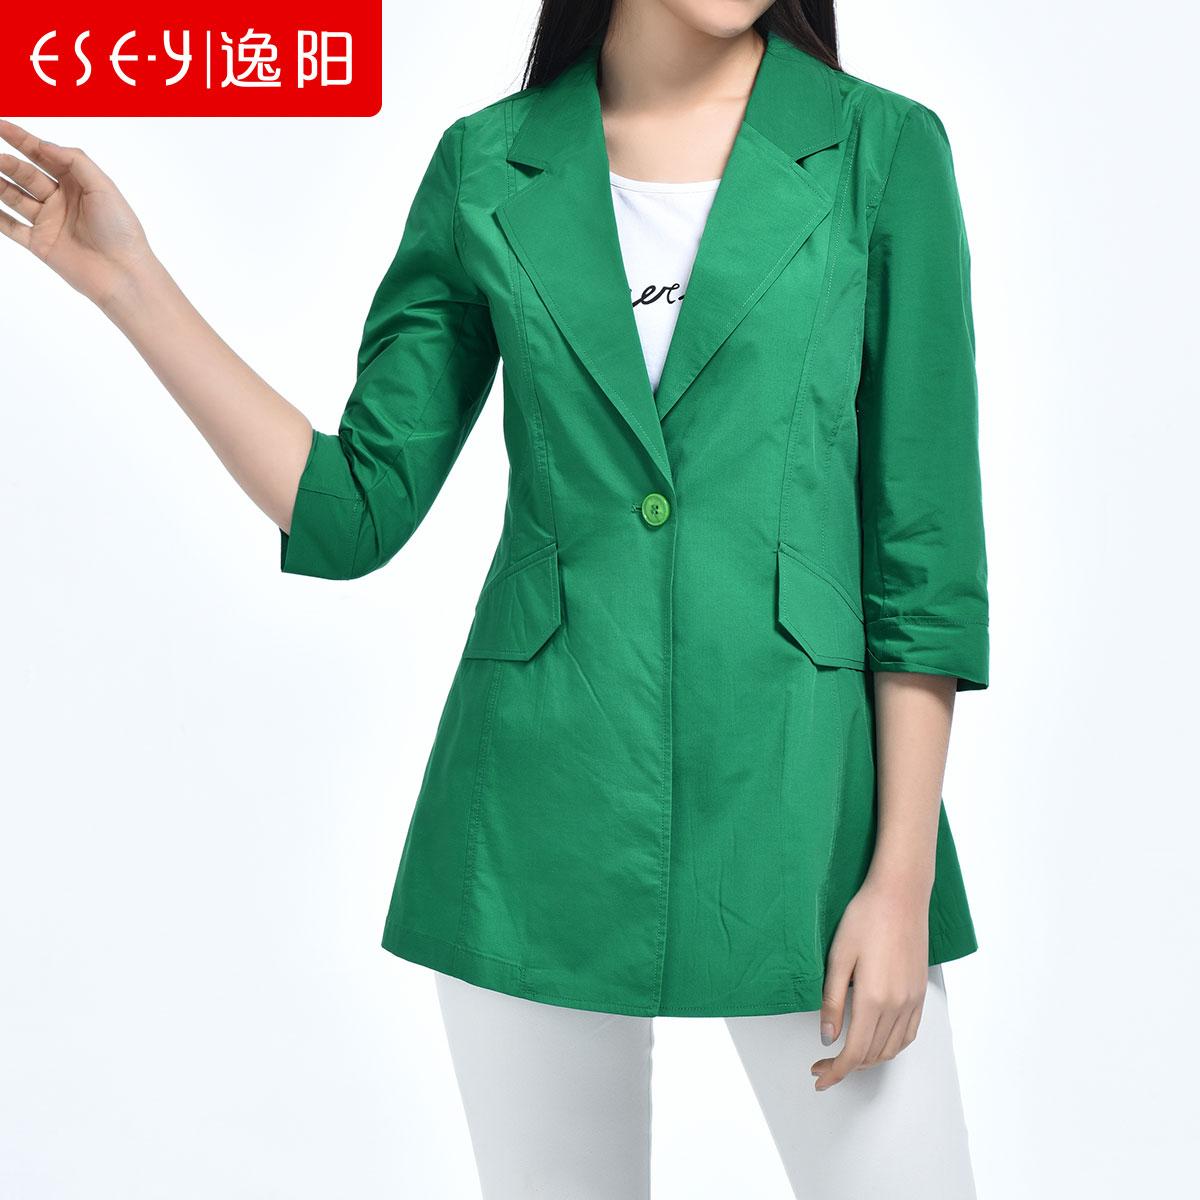 绿色风衣 【品牌清仓】逸阳清七分袖中长款风衣0931_推荐淘宝好看的绿色风衣